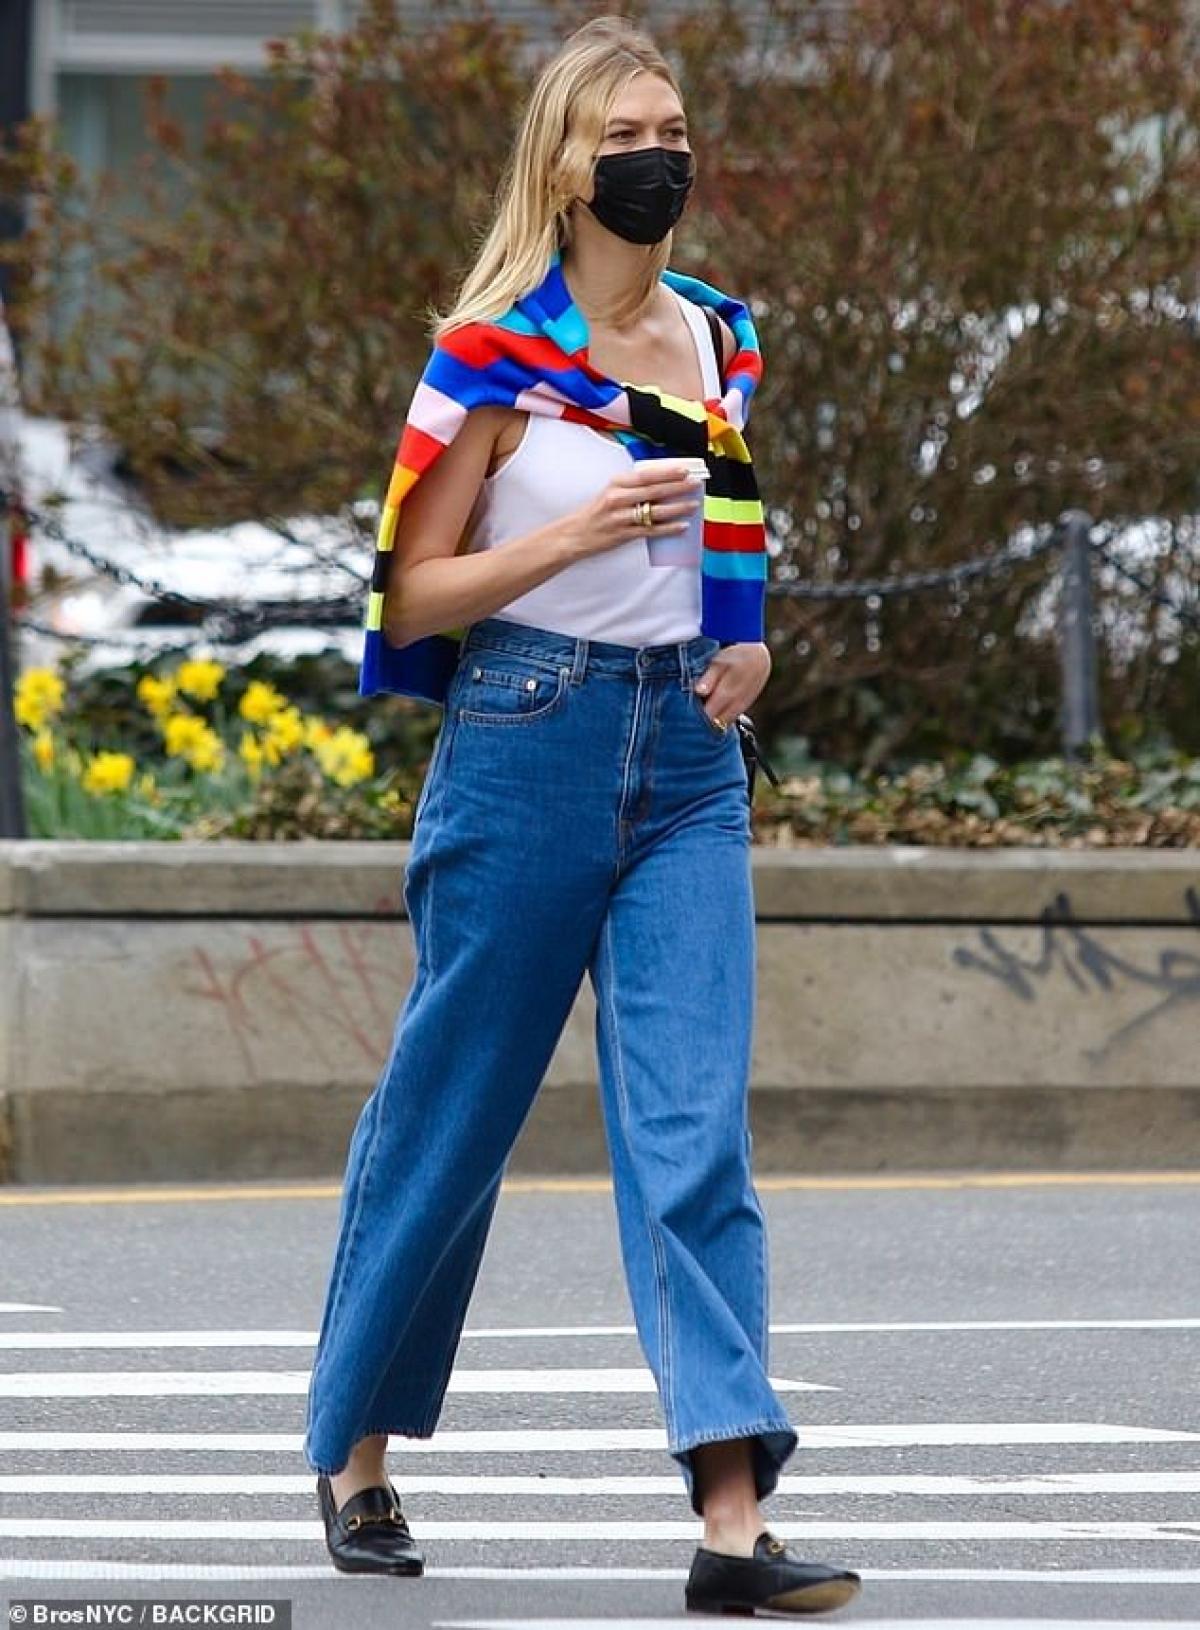 Chân dài sinh năm 1992 mặc áo tank-top, quần jeans ống loe và mang khẩu trang cẩn thận.